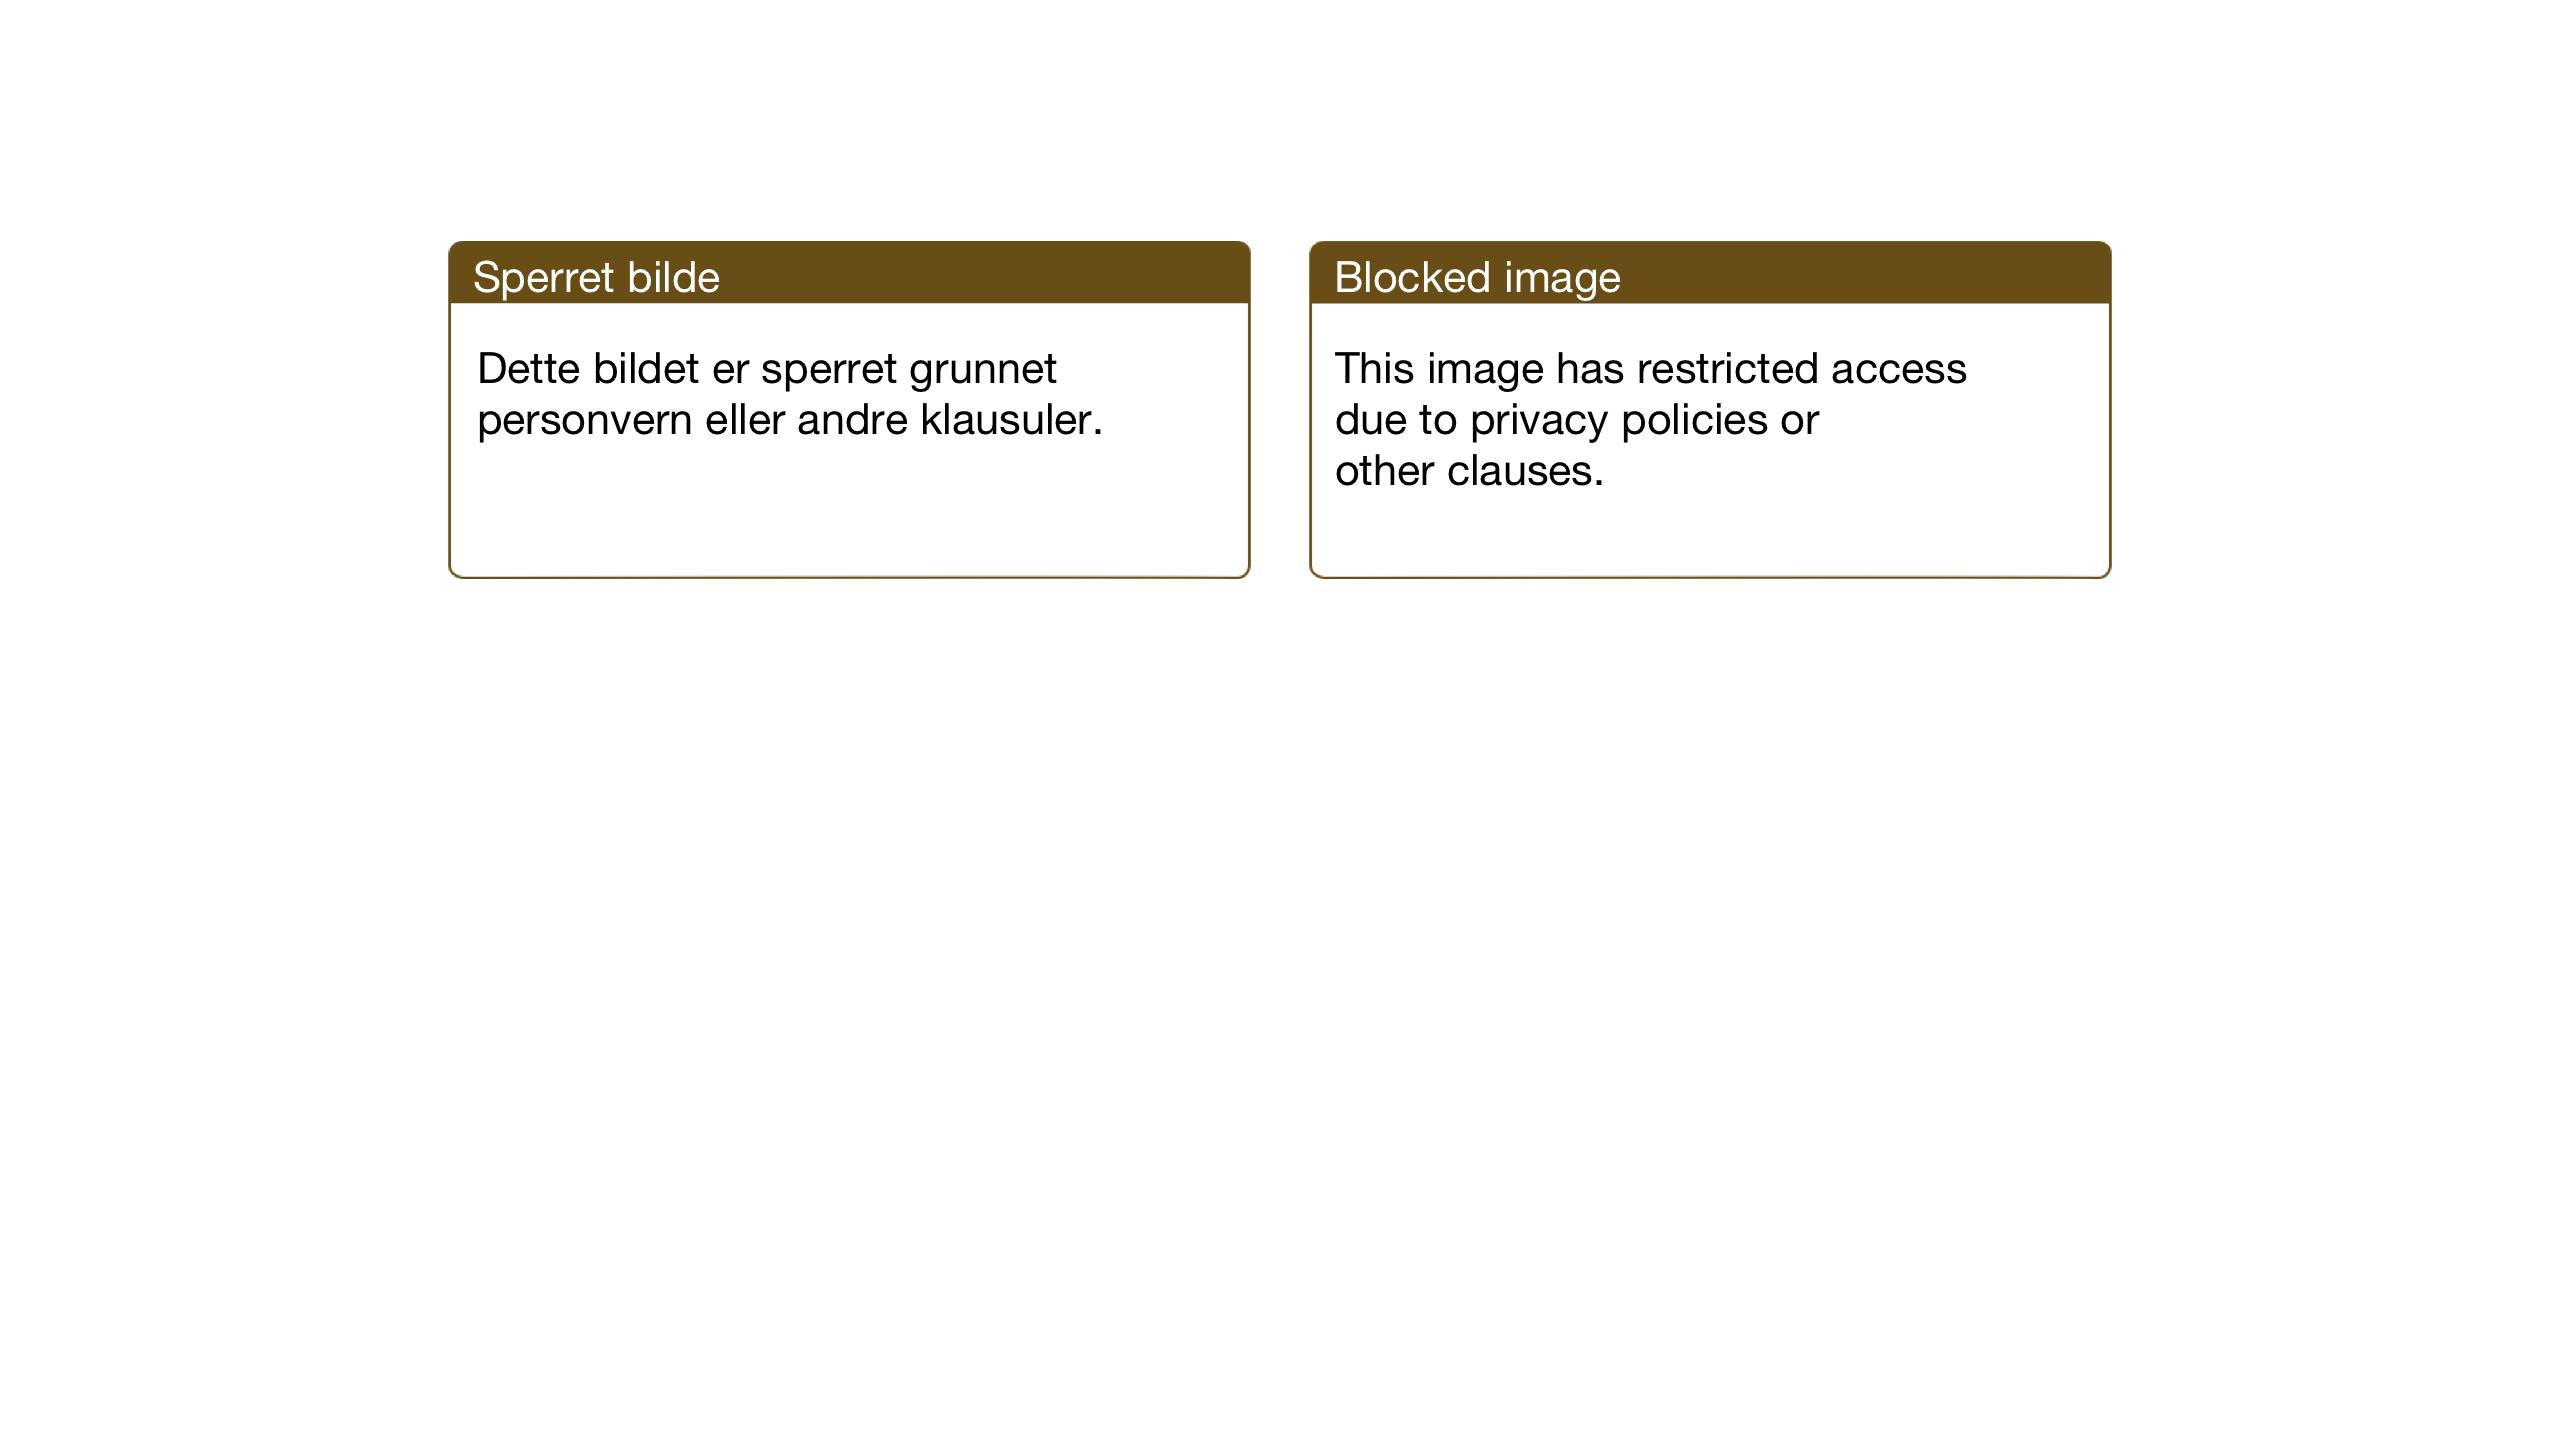 SAT, Ministerialprotokoller, klokkerbøker og fødselsregistre - Sør-Trøndelag, 662/L0758: Klokkerbok nr. 662C03, 1918-1948, s. 64